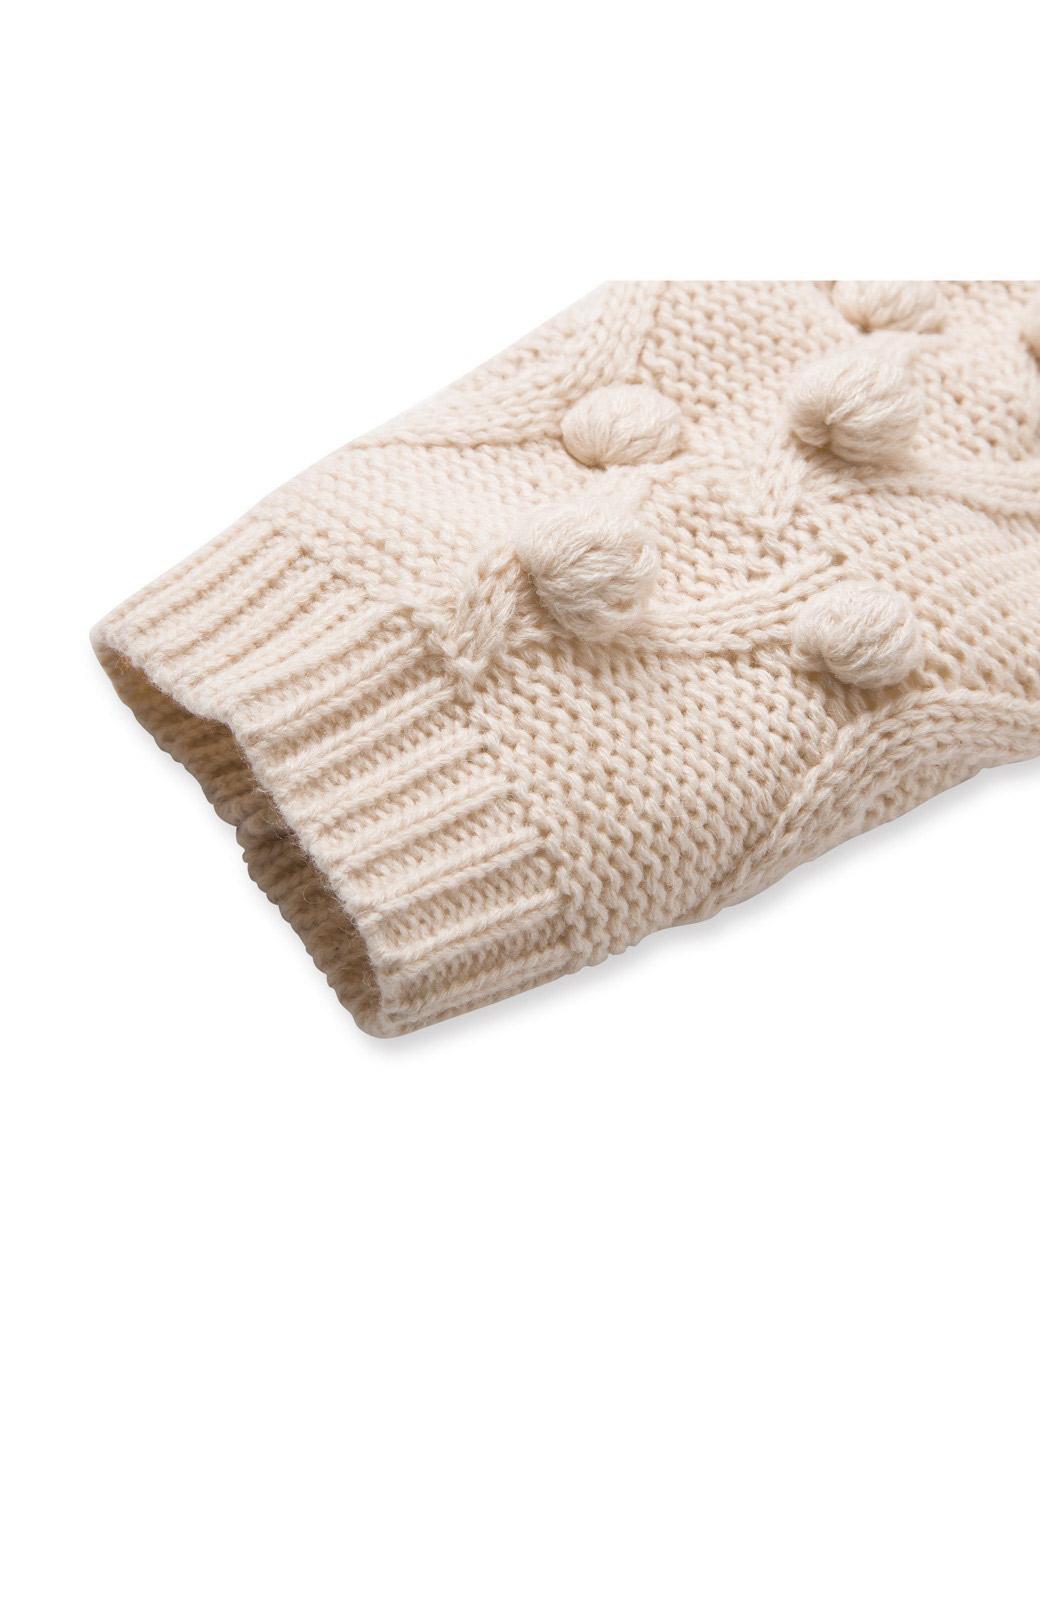 nusy パプコーン編みがかわいい おしゃれニットワンピ <ホワイト>の商品写真4